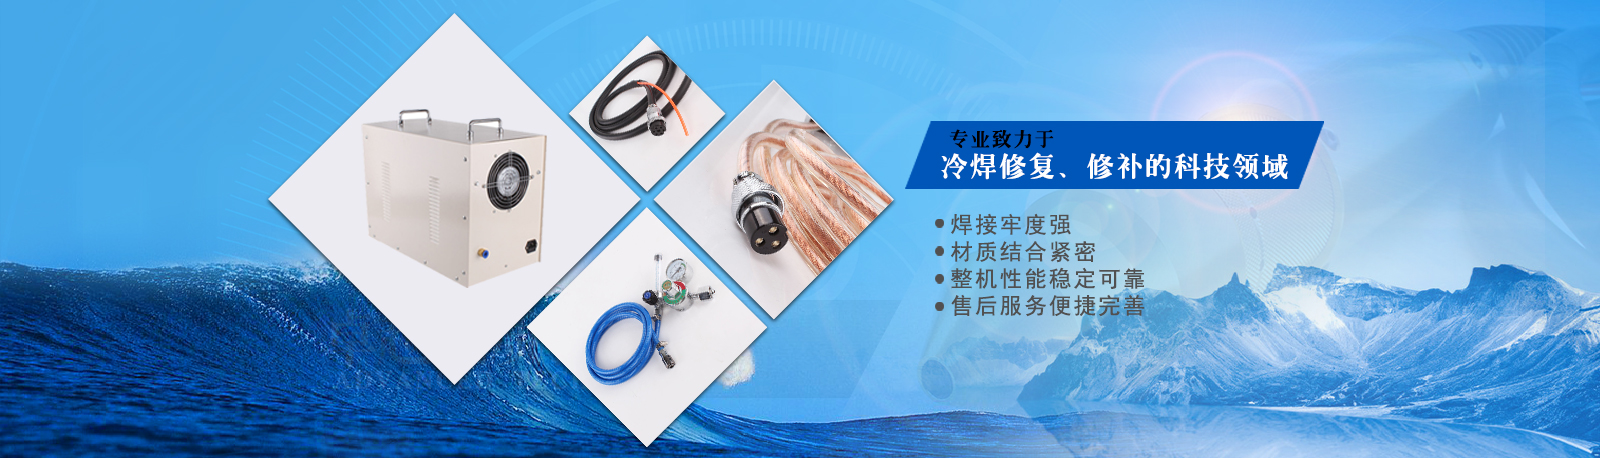 上海广倍机电科技有限公司